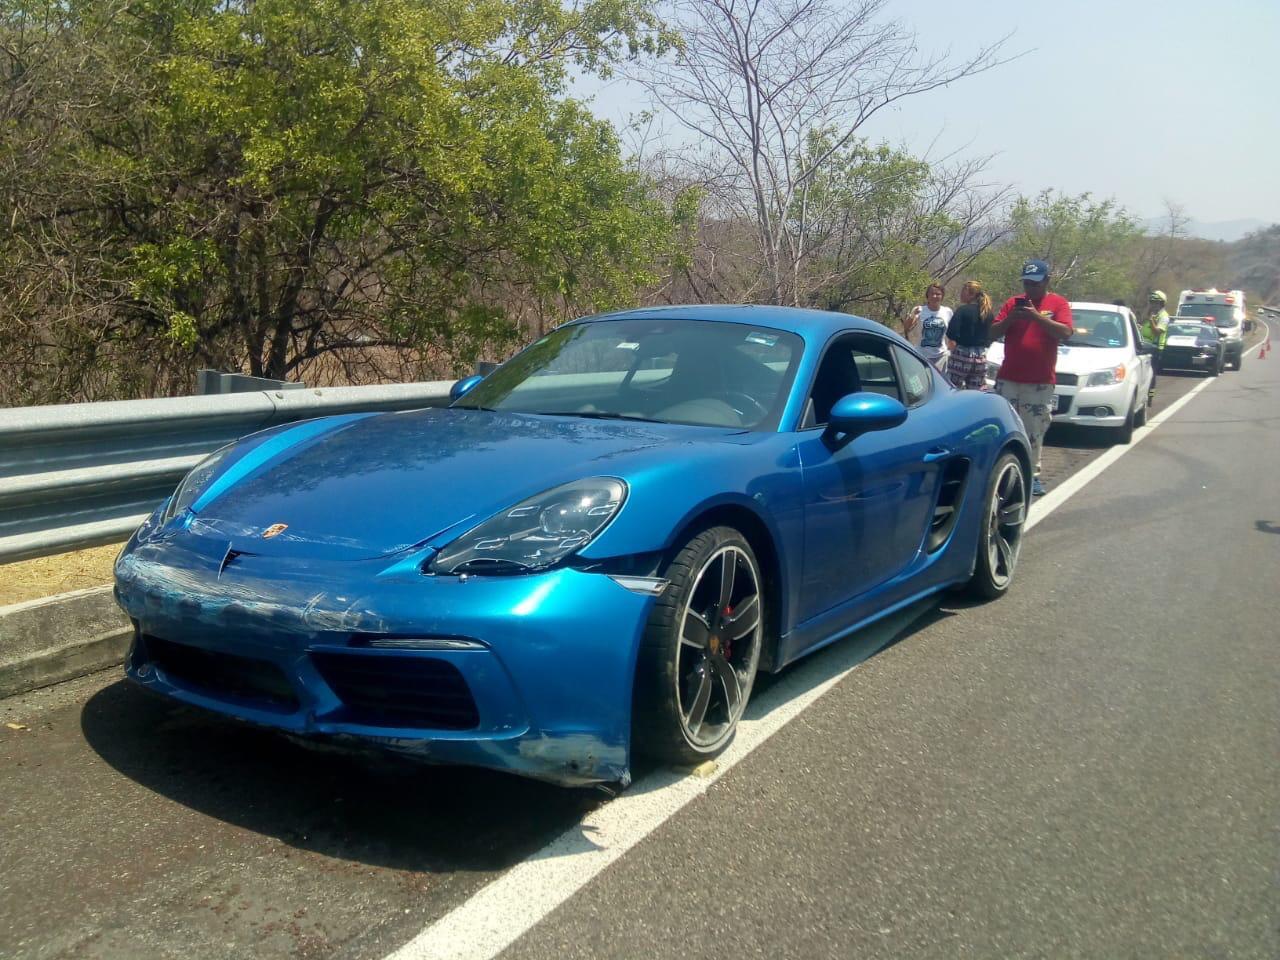 Se accidenta lujoso vehículo en la Autopista del Sol, propiedad de Xavier Olea Peláez